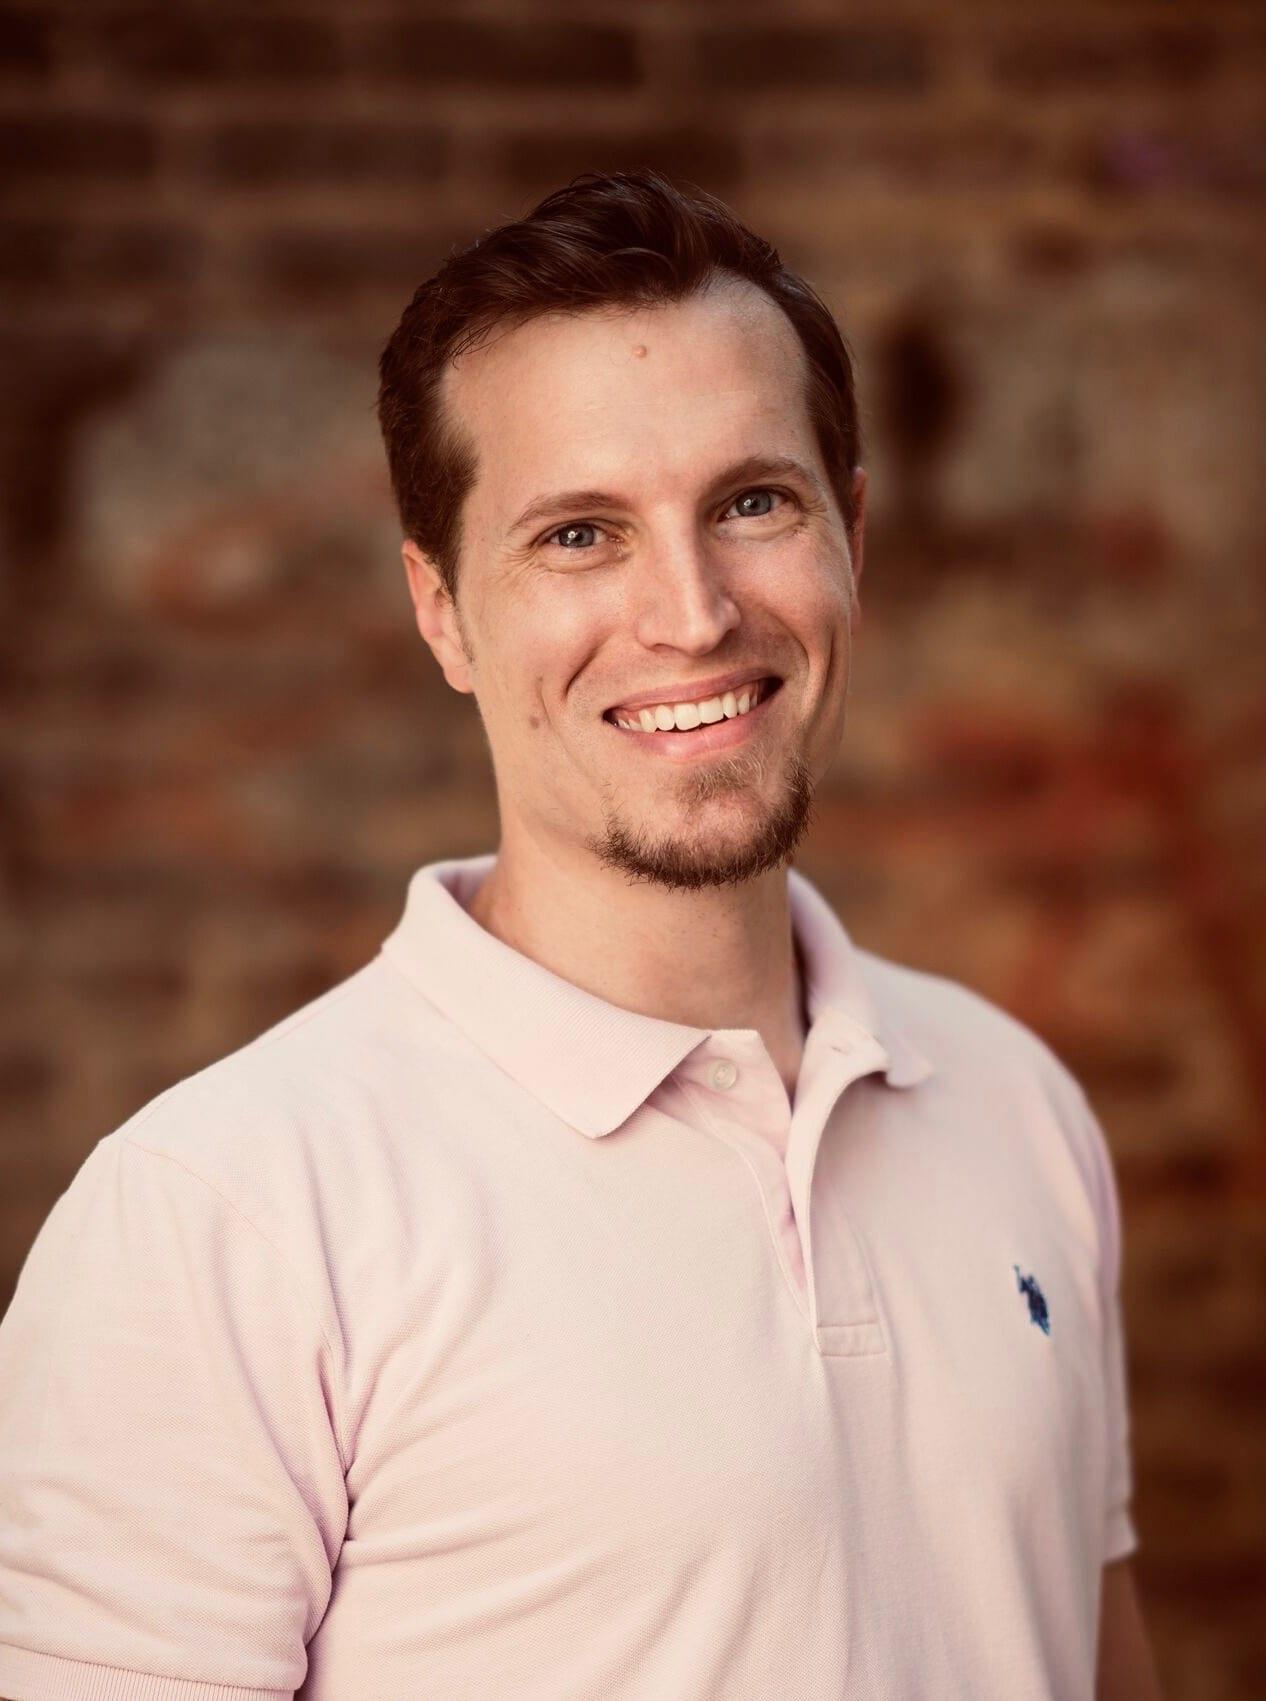 Jacob Shulenberger, Digital Skyrocket Partner & CTO